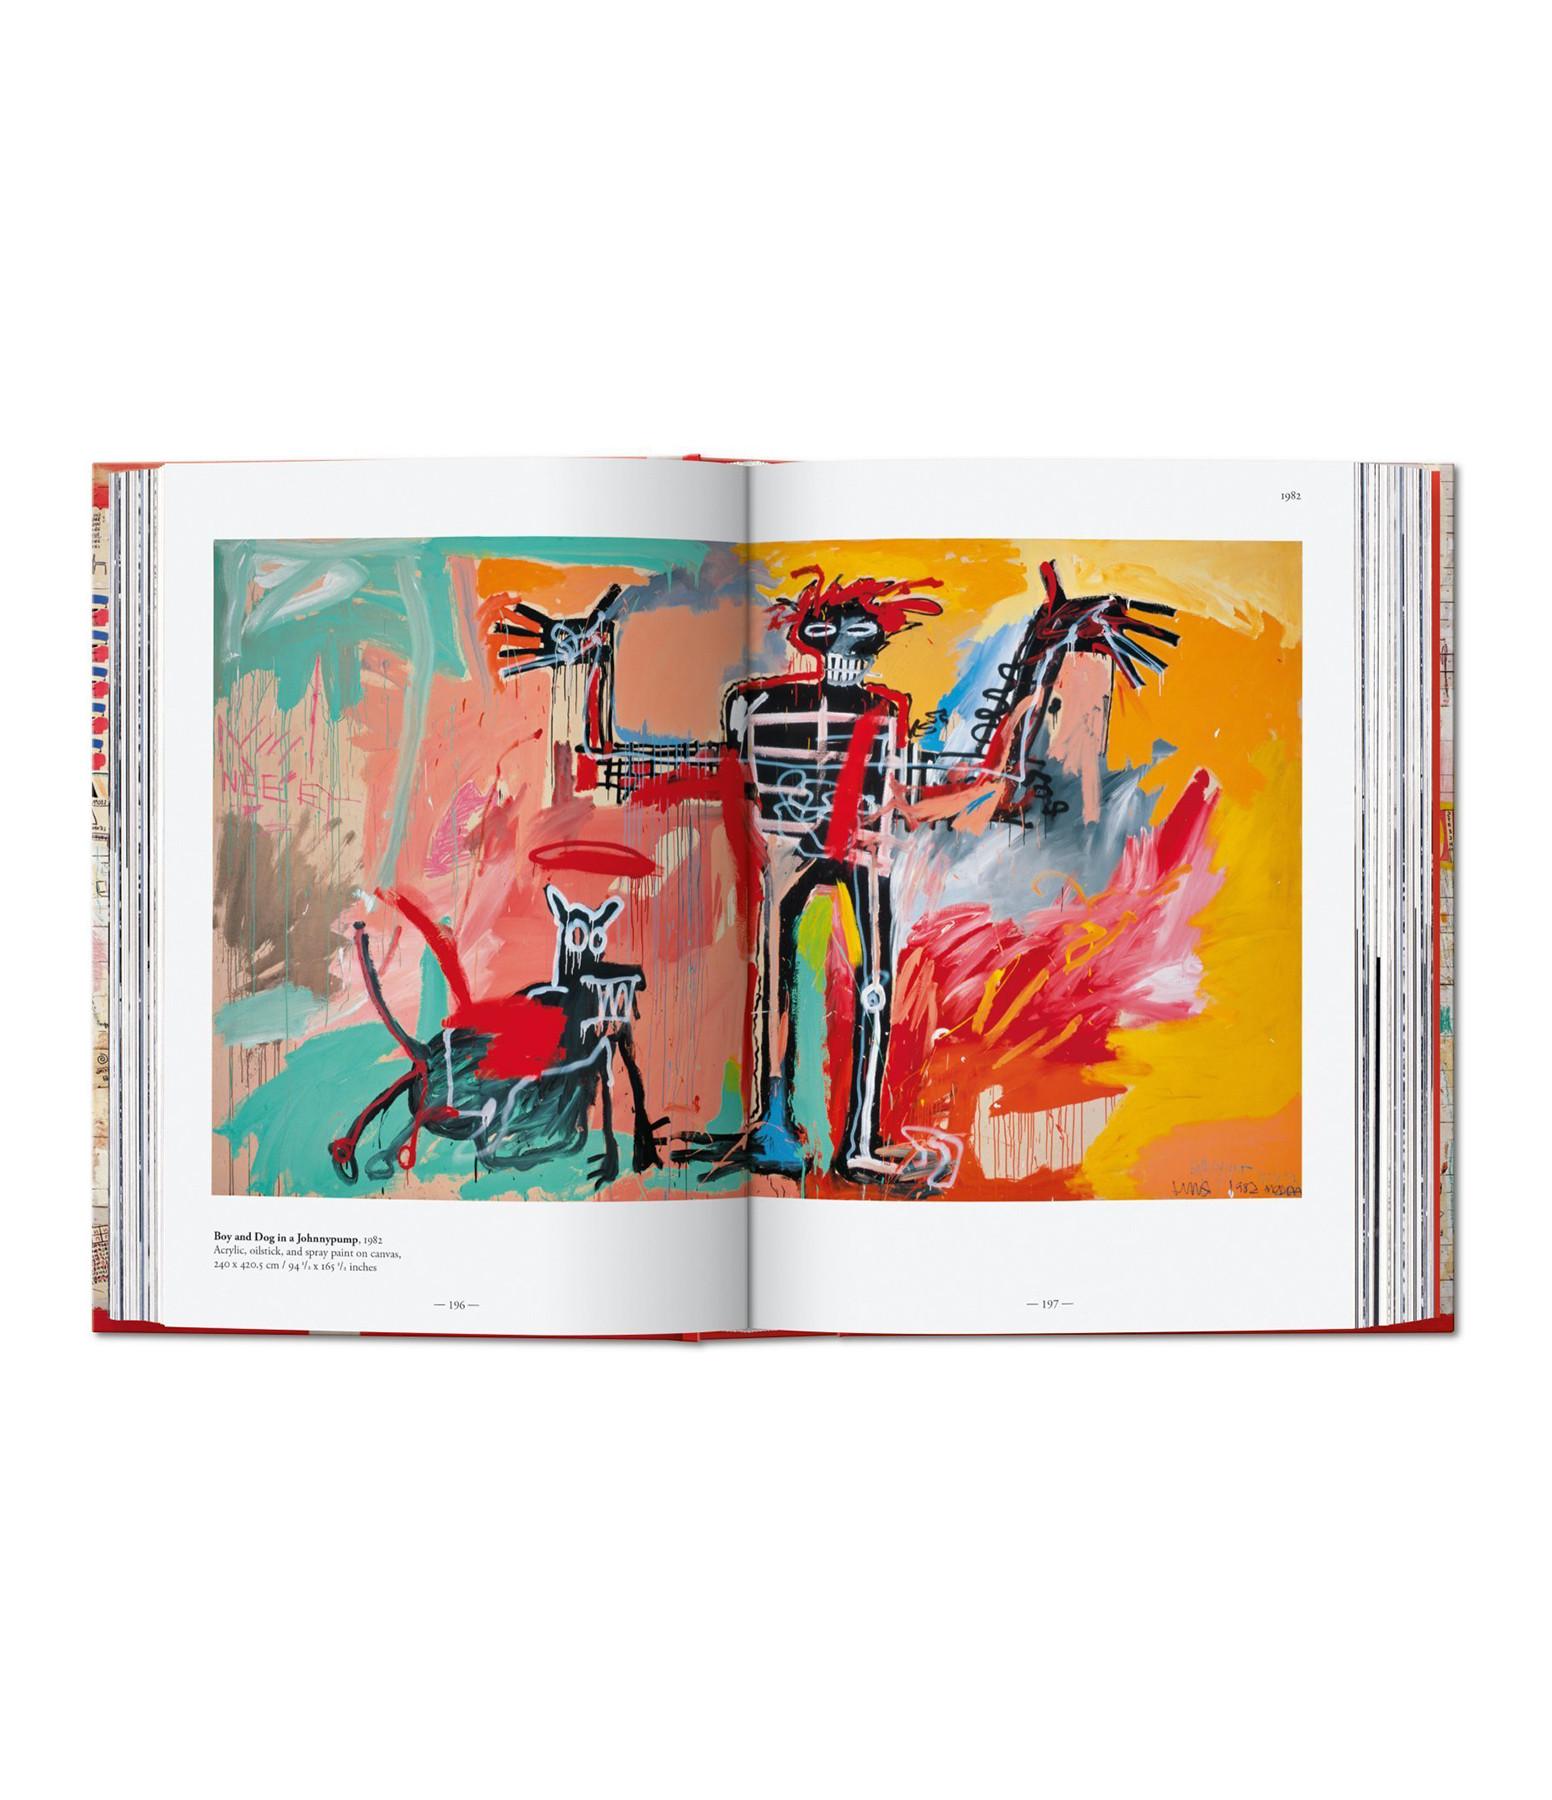 TASCHEN - Livre Basquiat, 40th Anniversary Edition